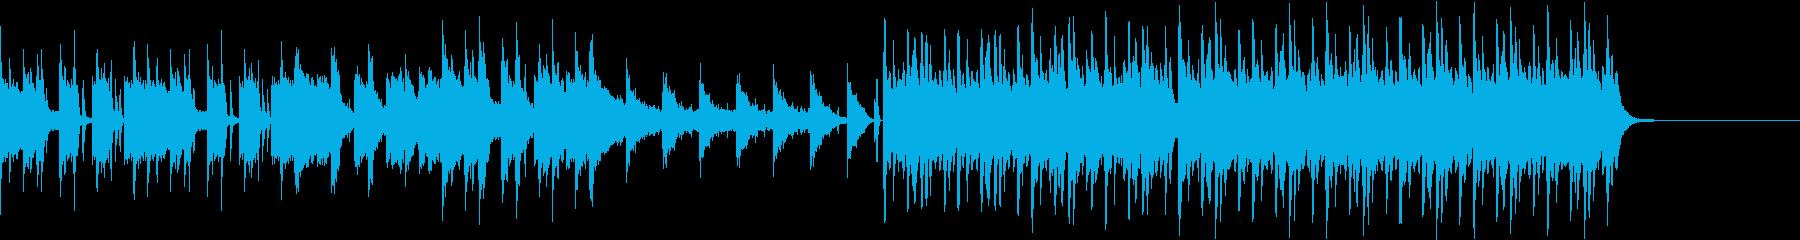 ギターの旋律が印象的な曲の再生済みの波形